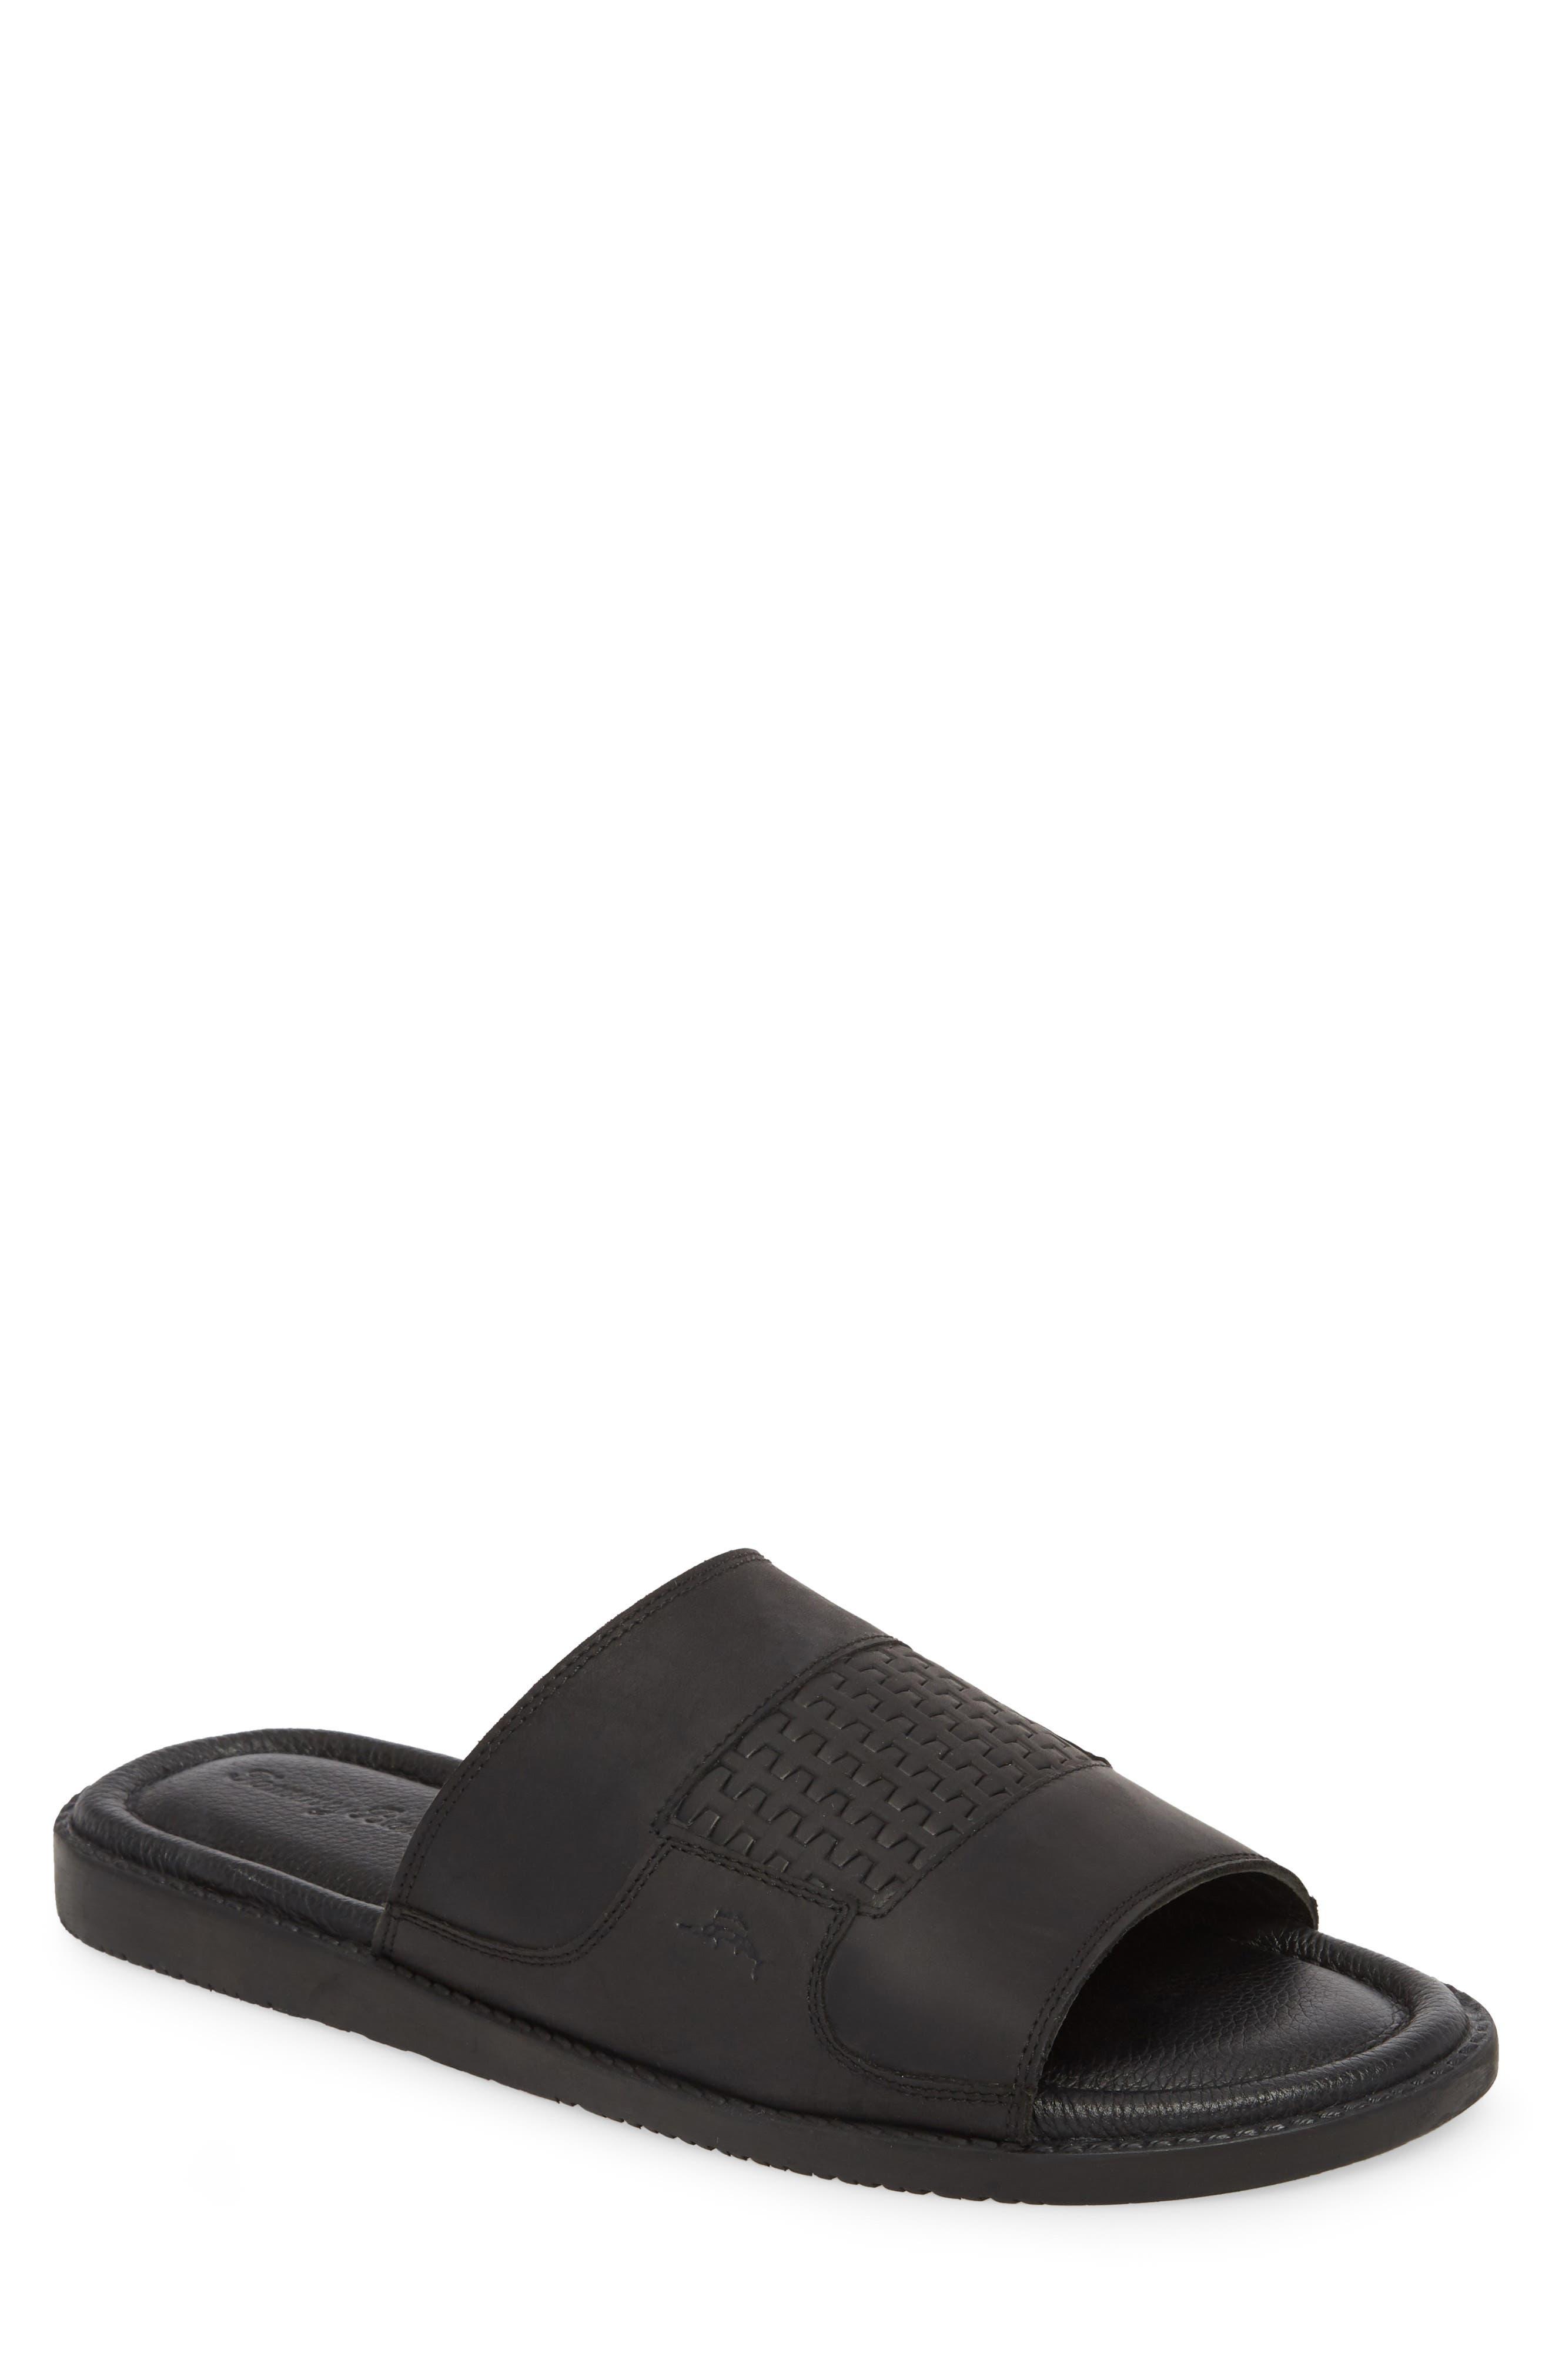 Gennadi Palms Slide Sandal,                         Main,                         color, BLACK LEATHER